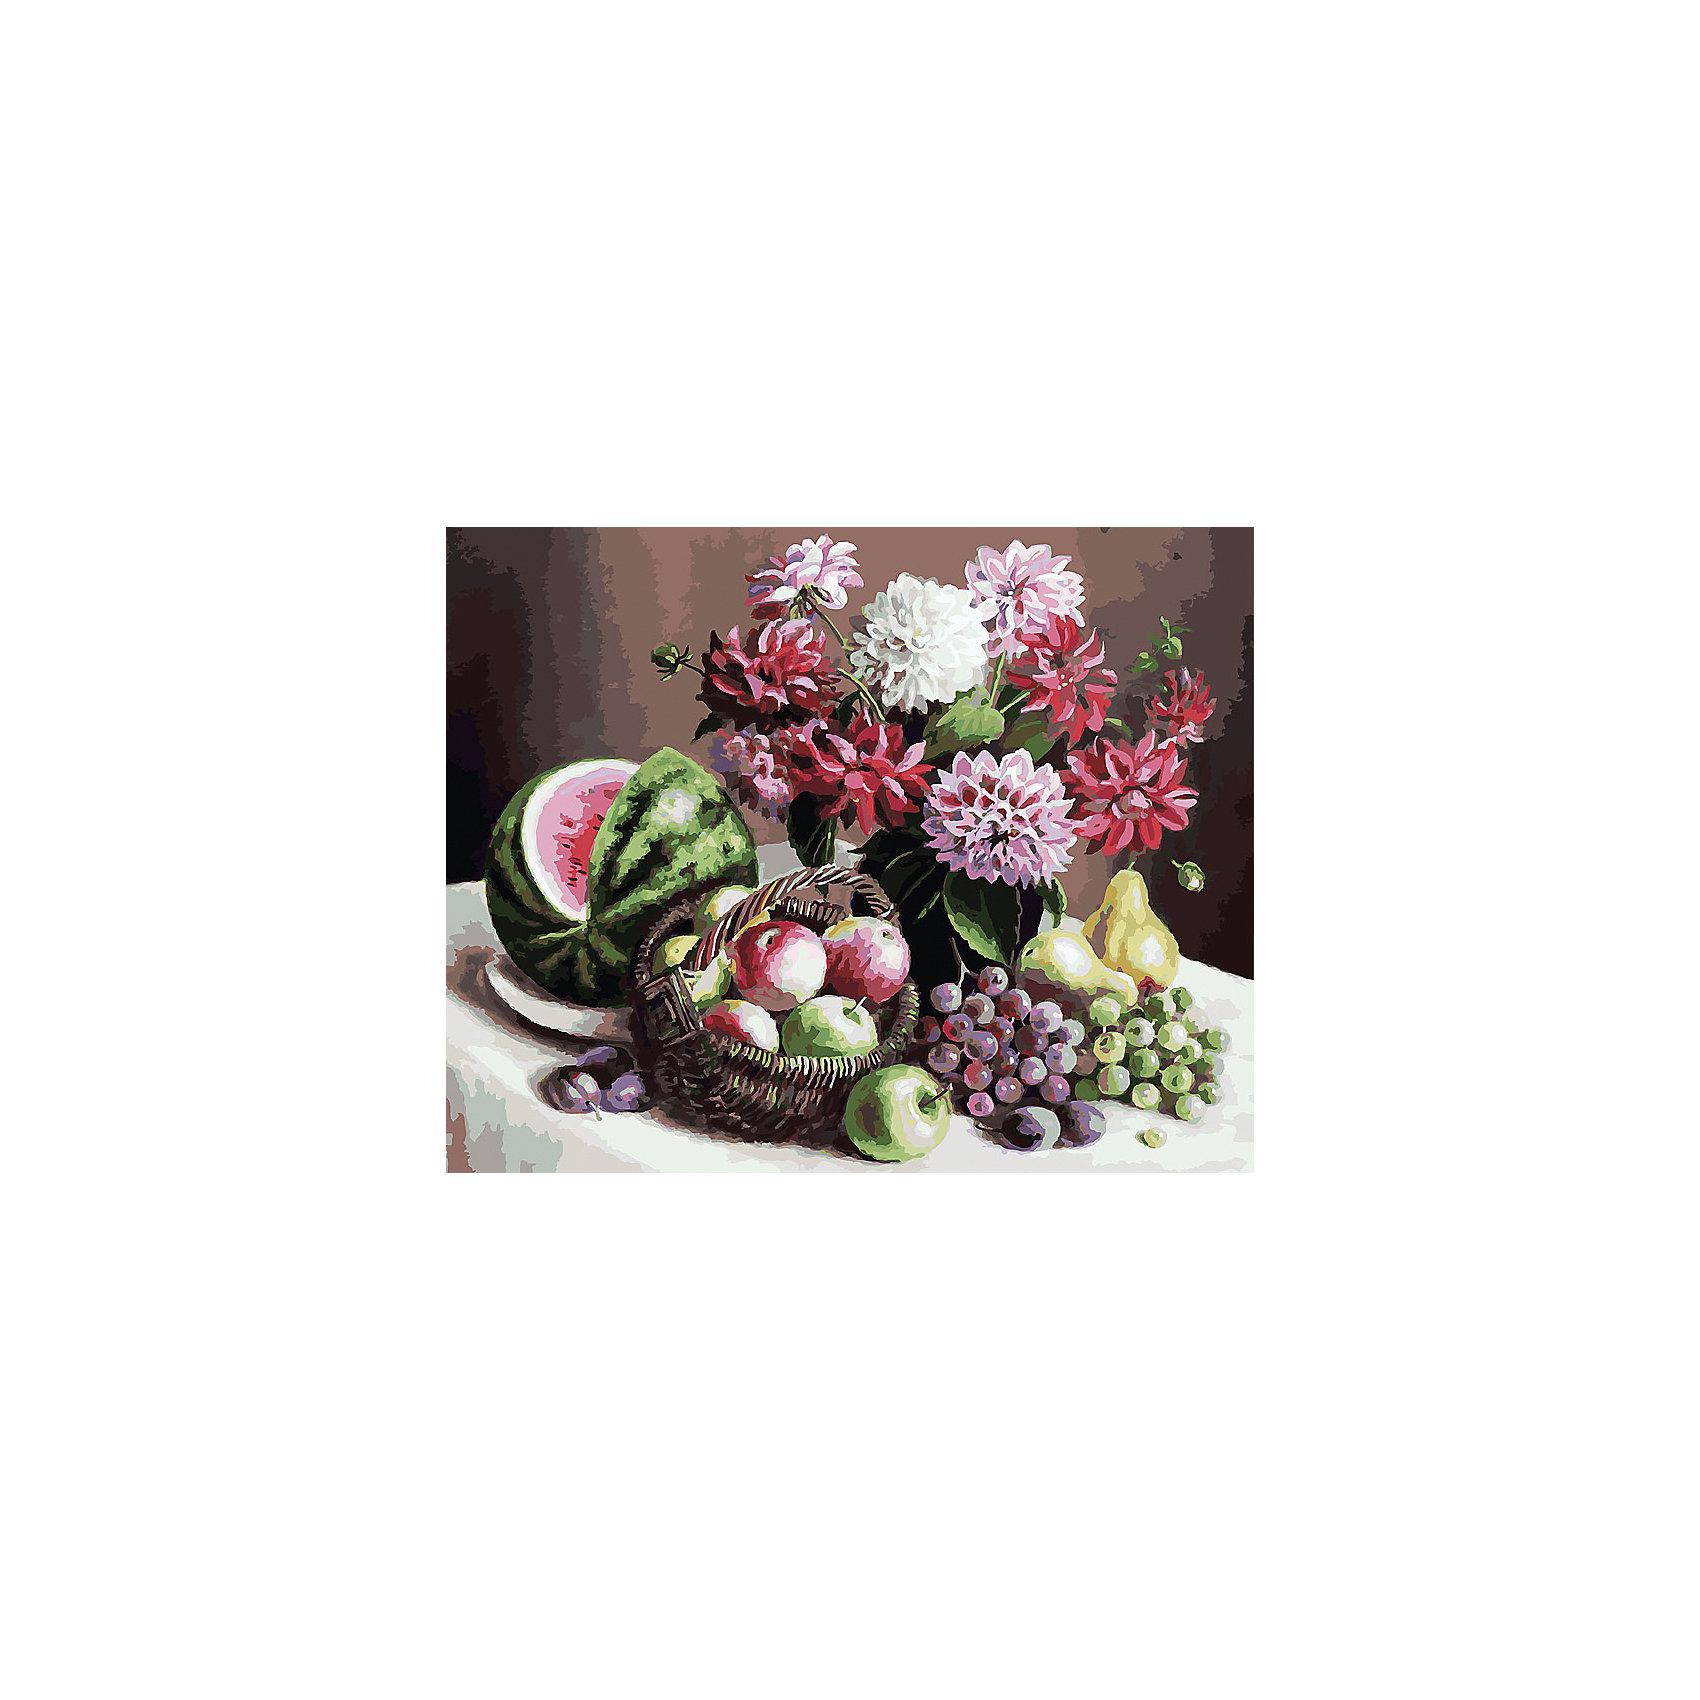 Живопись на холсте  Георгины и фрукты, 40*50 смРаскраски по номерам<br>Живопись на холсте Георгины и фрукты, 40*50 см<br><br>Характеристики:<br><br>• Вес: 850<br>• Размер: 40х50<br>• Краски: акриловые, быстросохнущие<br>• Количество цветов: 40<br>• В наборе: холст на подрамнике, настенное крепление, контрольный лист с рисунком, 40 красок, 3 кисти<br><br>Данный набор позволит любому человеку ощутить себя профессиональным художником. В комплект входит холст с нанесенным на него рисунком по номерам, акриловые краски на водной основе, специальный контрольный лист, предотвращающий ошибки и 3 удобные кисти разных размеров. <br><br>Рисовать на холсте очень удобно, а благодаря номерам на картине и баночках с краской - это совсем просто. Цвета ложатся ровным слоем, перекрывая нанесенный рисунок. Если вы боитесь, что где-то ошиблись – приложите контрольный лист, который полностью повторяет схему. Акриловые краски совершенно безопасны и не имеют запаха. А благодаря настенному креплению вы сможете повесить готовую работу.<br><br>Живопись на холсте Георгины и фрукты, 40*50 см можно купить в нашем интернет-магазине.<br><br>Ширина мм: 510<br>Глубина мм: 410<br>Высота мм: 250<br>Вес г: 850<br>Возраст от месяцев: 72<br>Возраст до месяцев: 2147483647<br>Пол: Унисекс<br>Возраст: Детский<br>SKU: 5500415